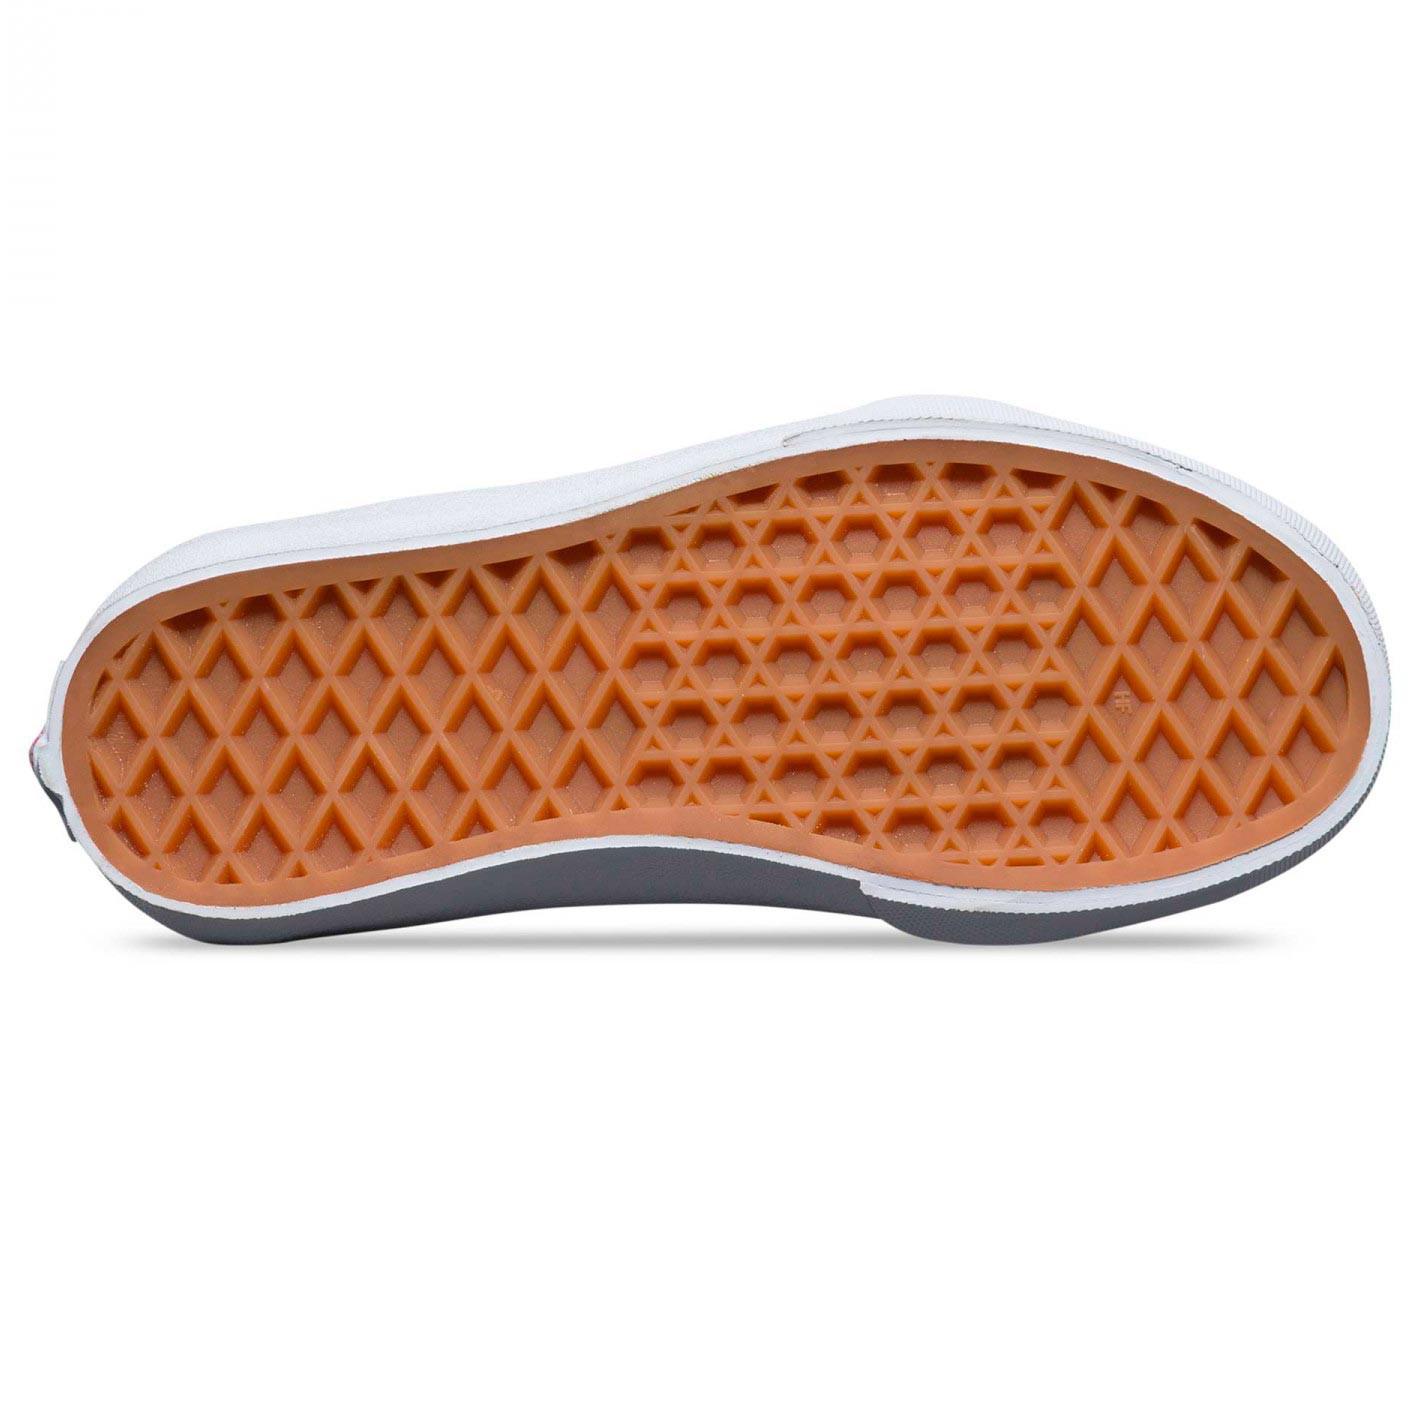 845332be3ae Winter shoes Vans Sk8-Hi Mte navy pink